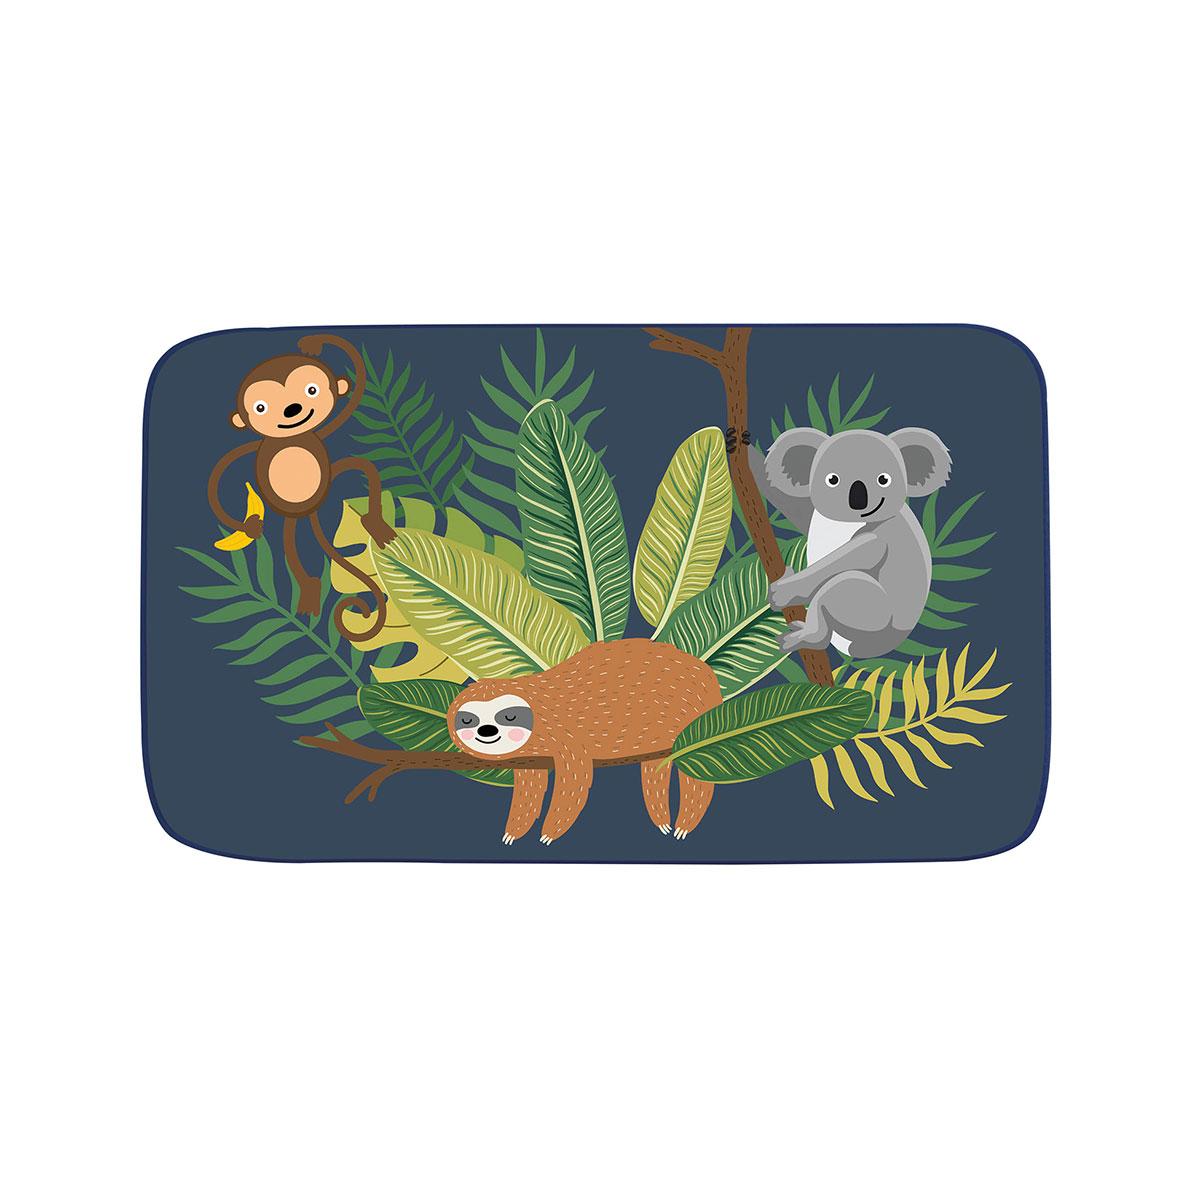 Tapis déco enfant en velours imprimé jungle (Marine)